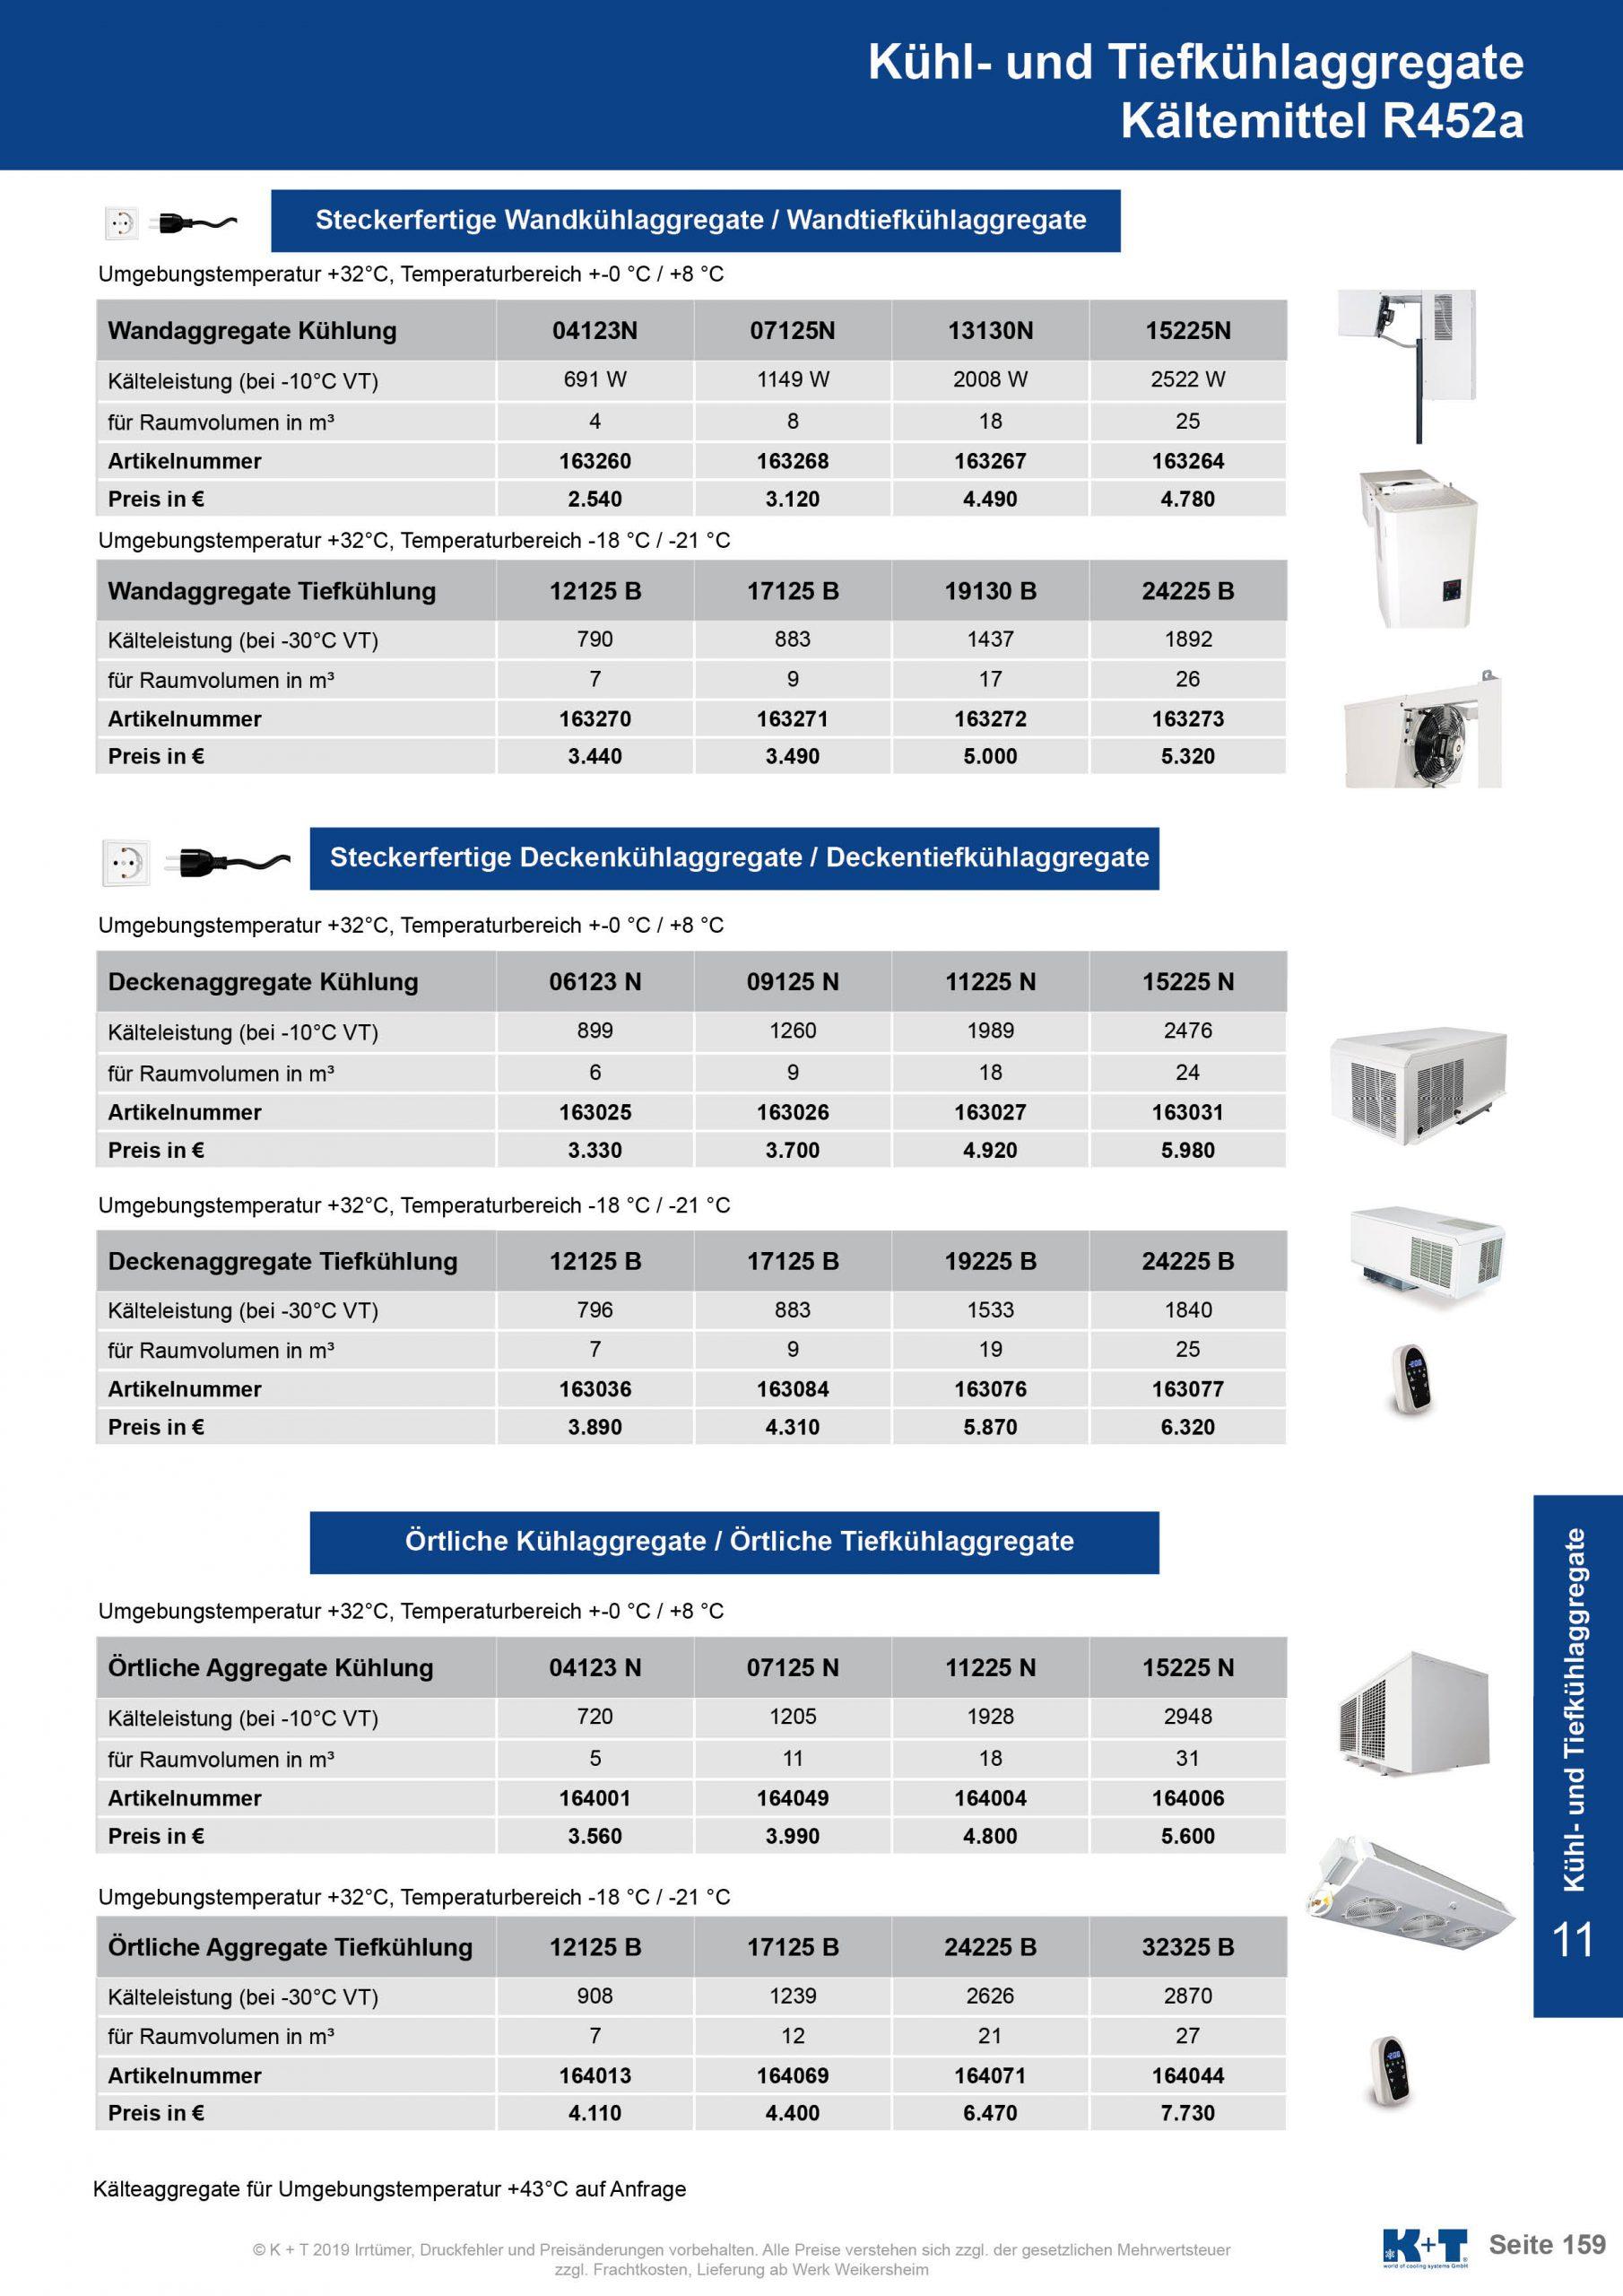 Kühl- Tiefkühlaggregate